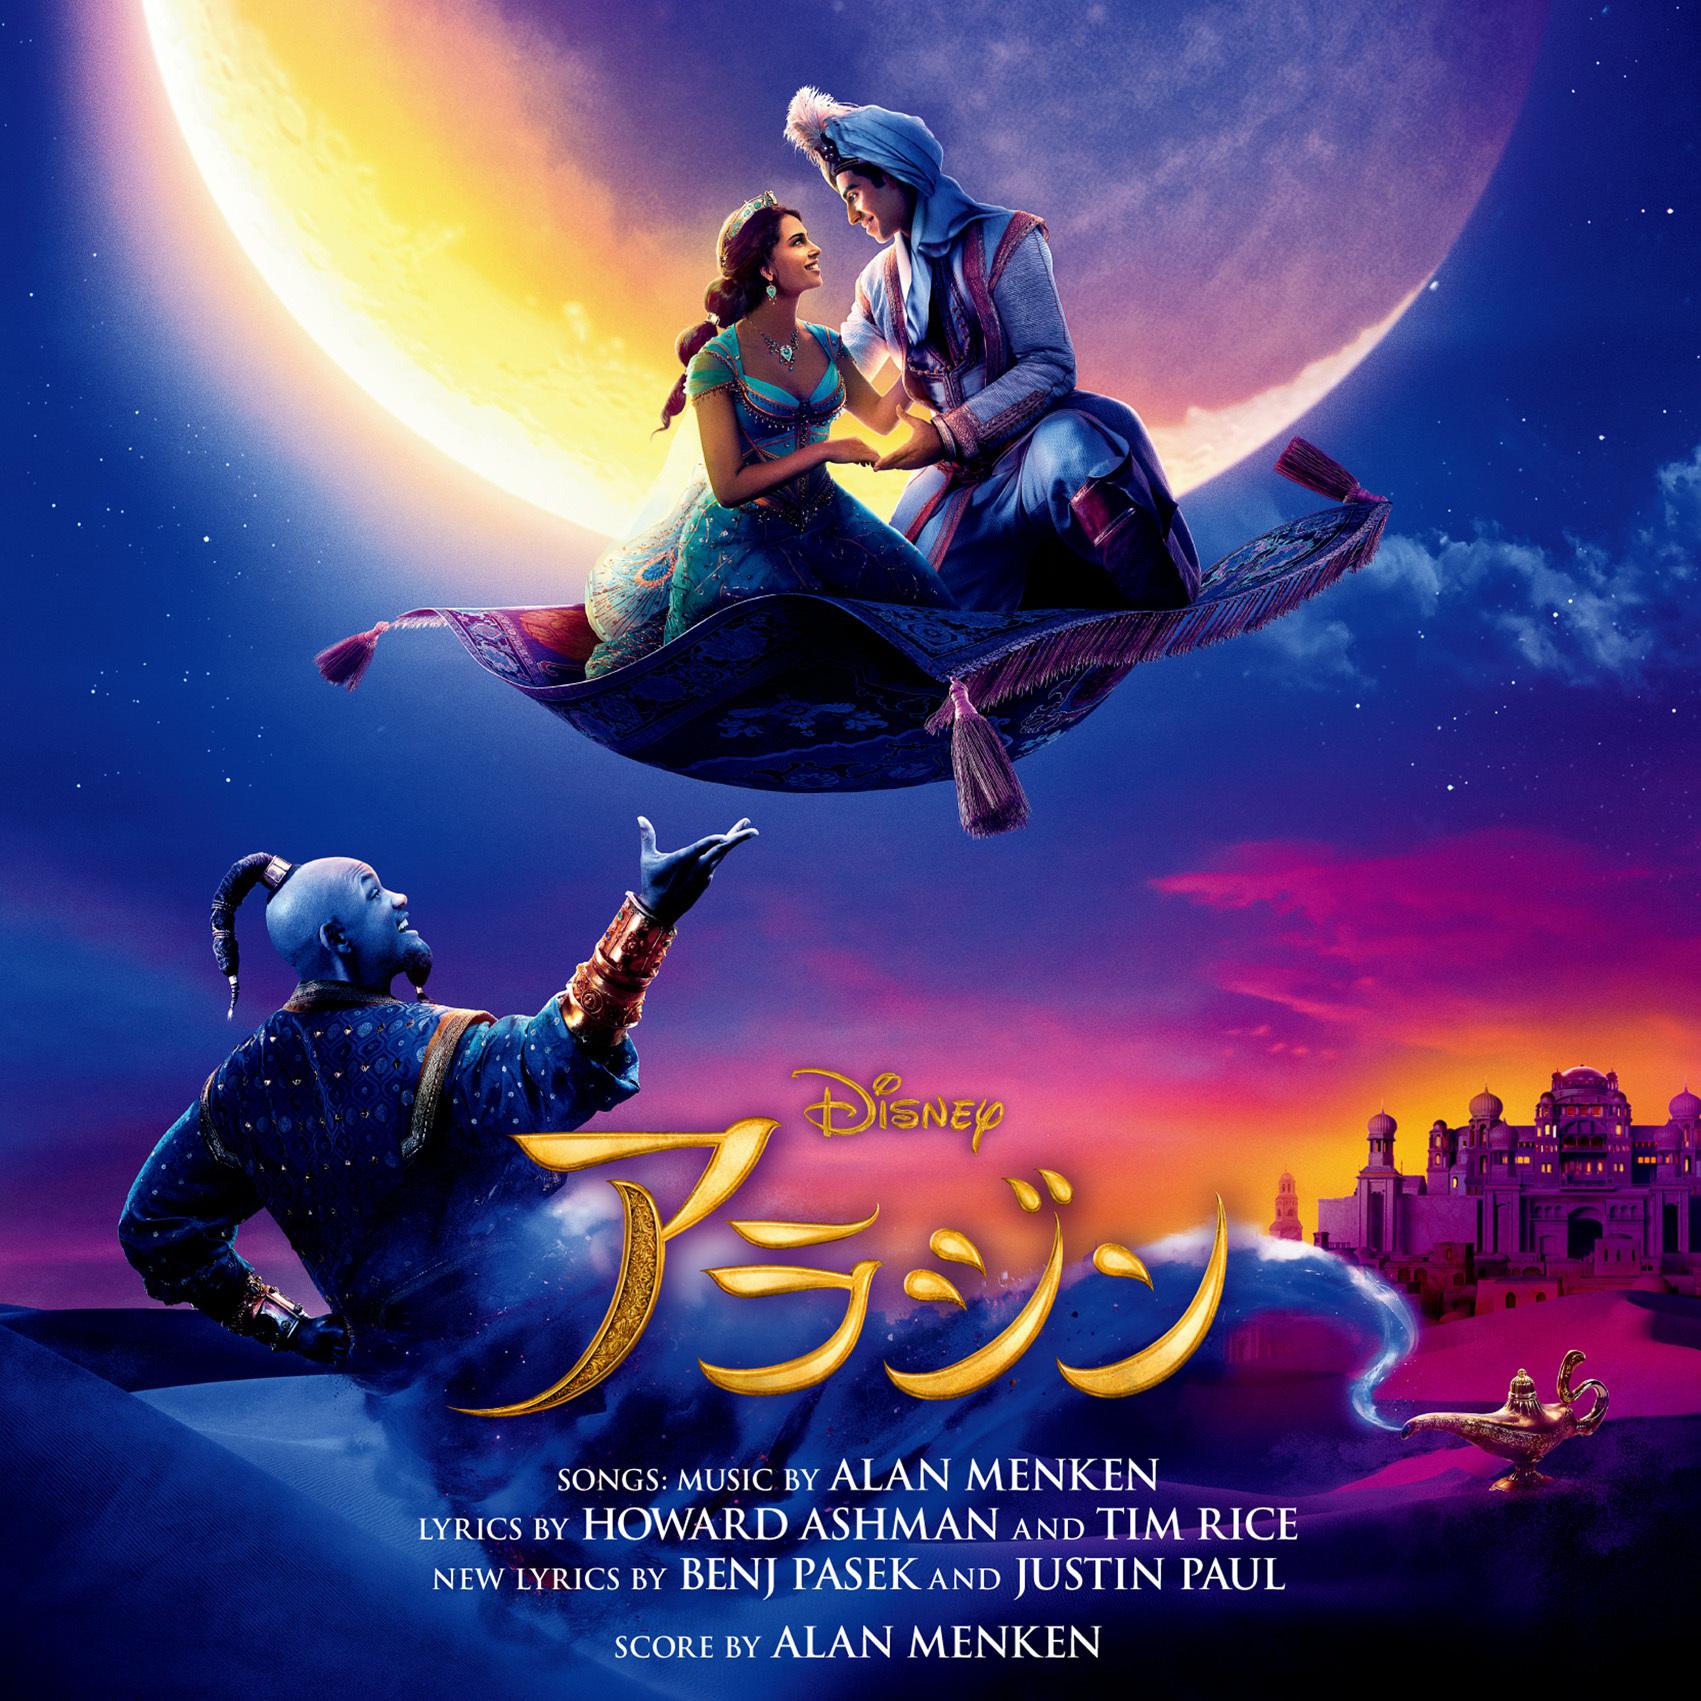 「アラジン オリジナル・サウンドトラック 日本語盤」 ウォルト・ディズニー・レコード (C) 2019 Disney Enterprises, Inc.